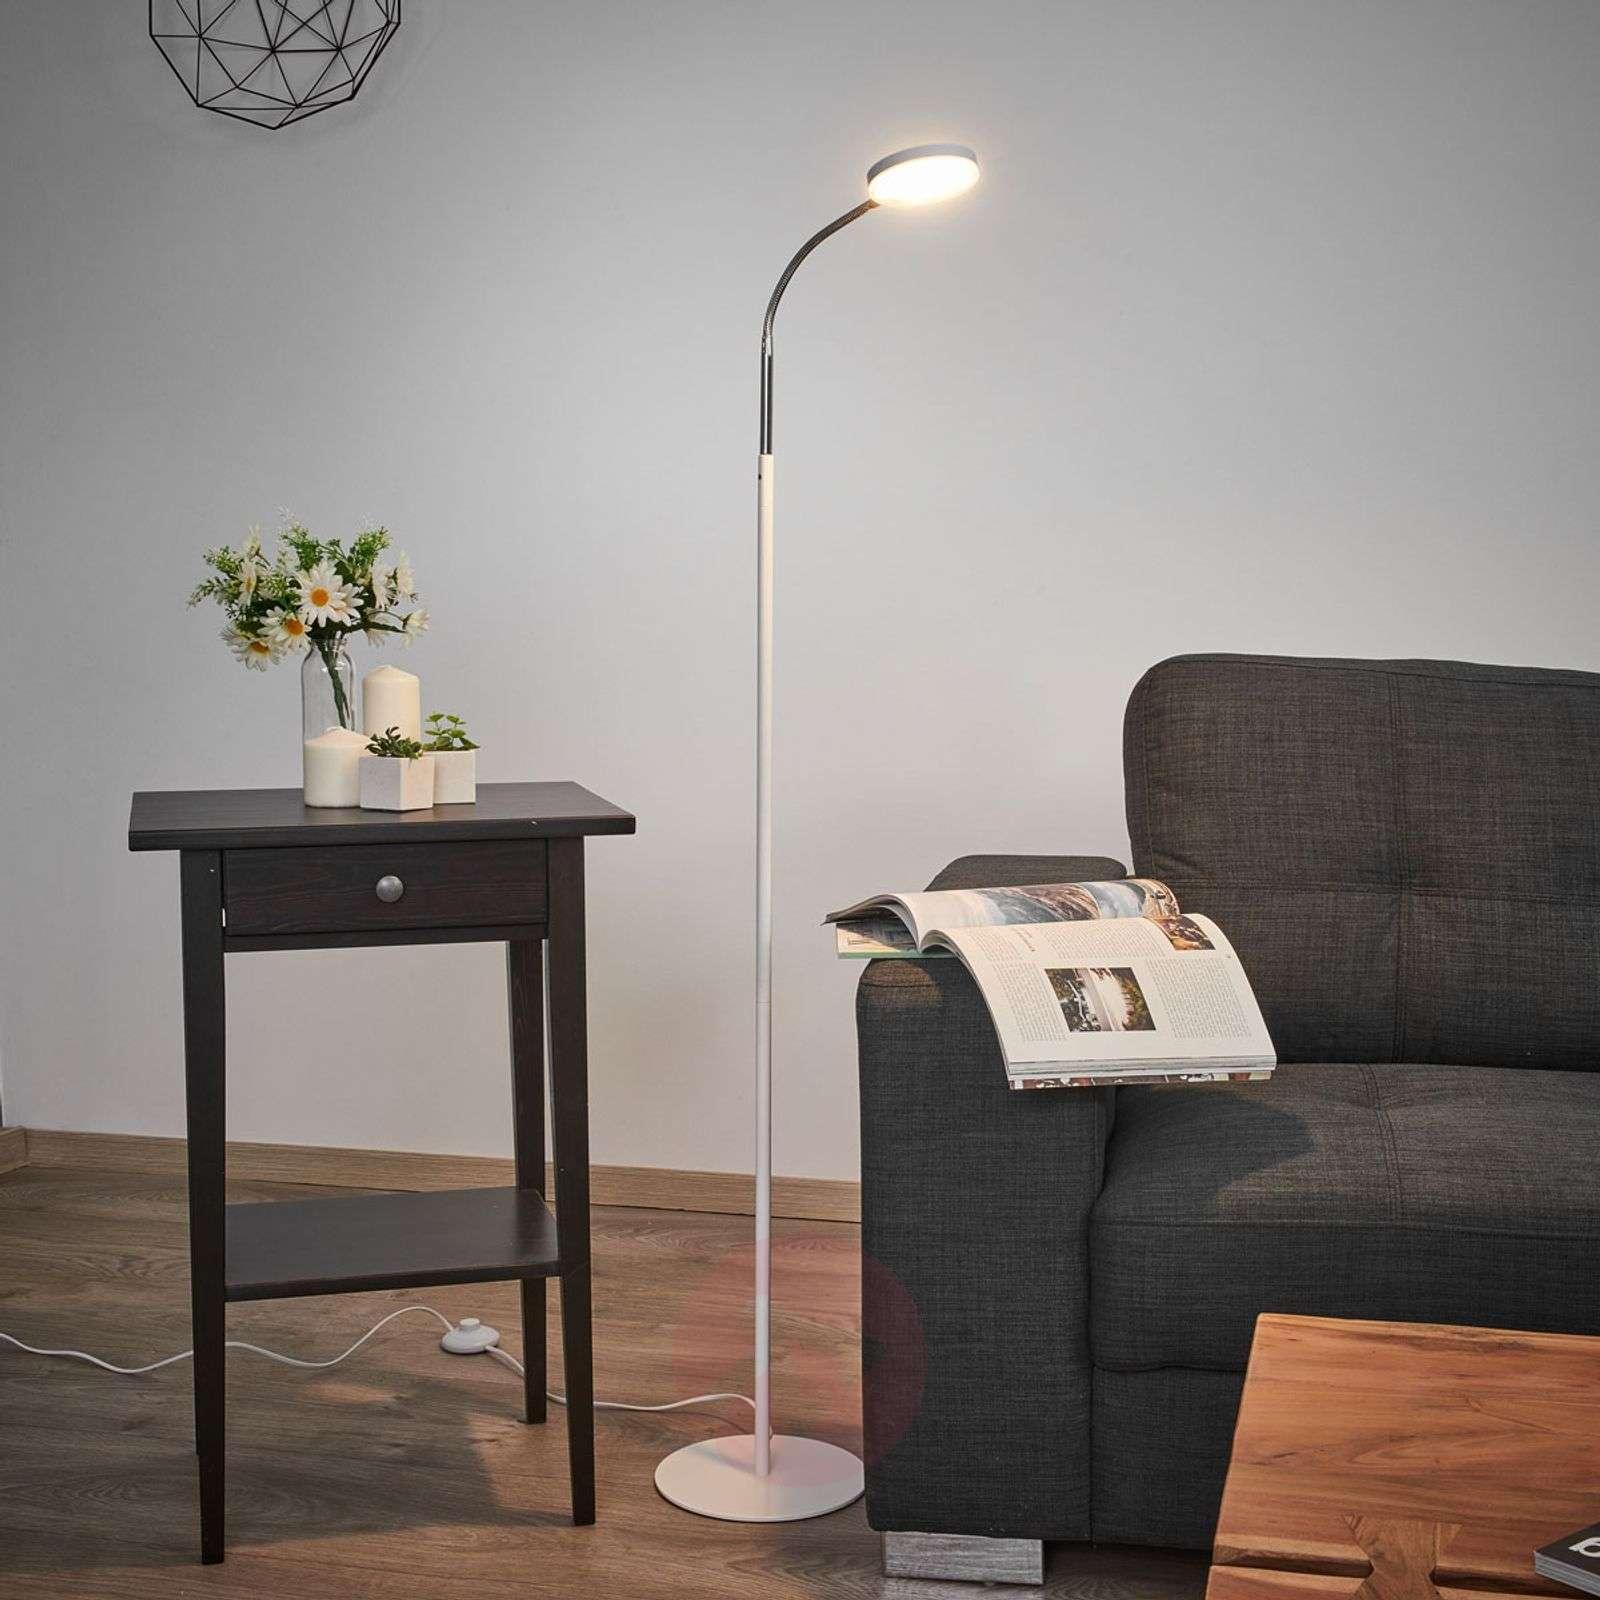 Milow LED-lattiavalaisin taittuvalla varrella-9643025-02